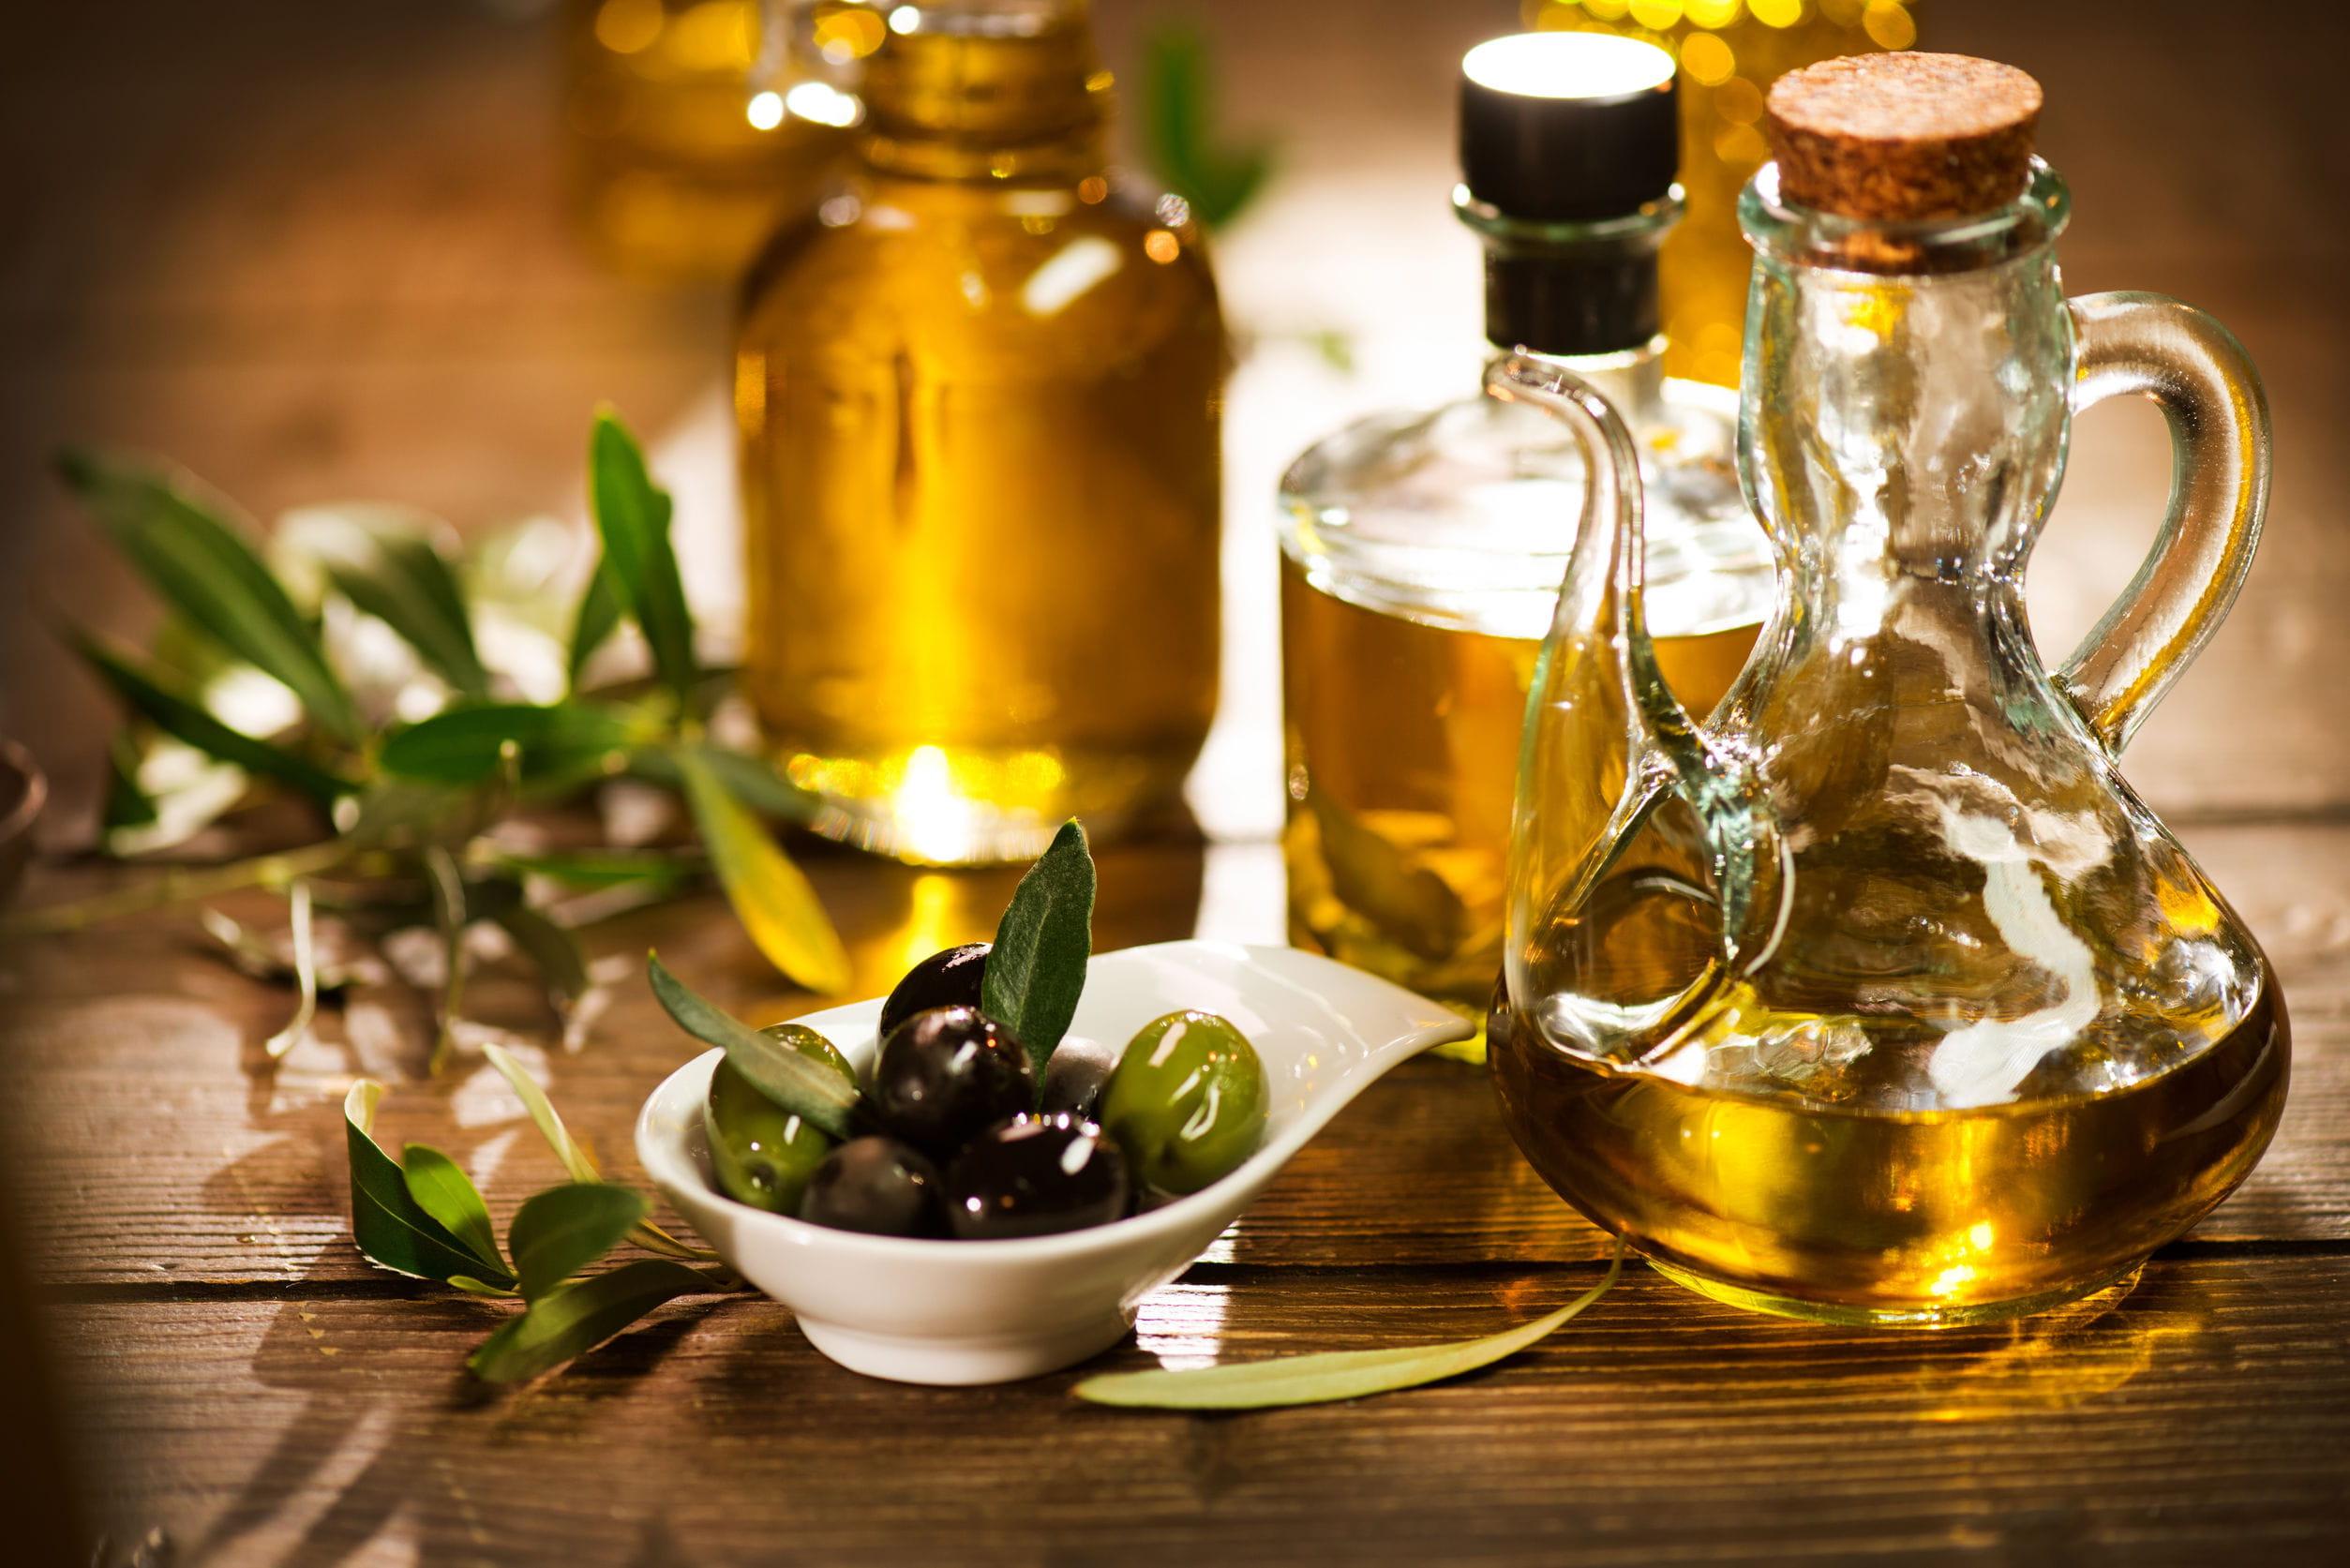 comment utiliser l 39 huile d 39 olive pour avoir de beaux cheveux journal des femmes. Black Bedroom Furniture Sets. Home Design Ideas